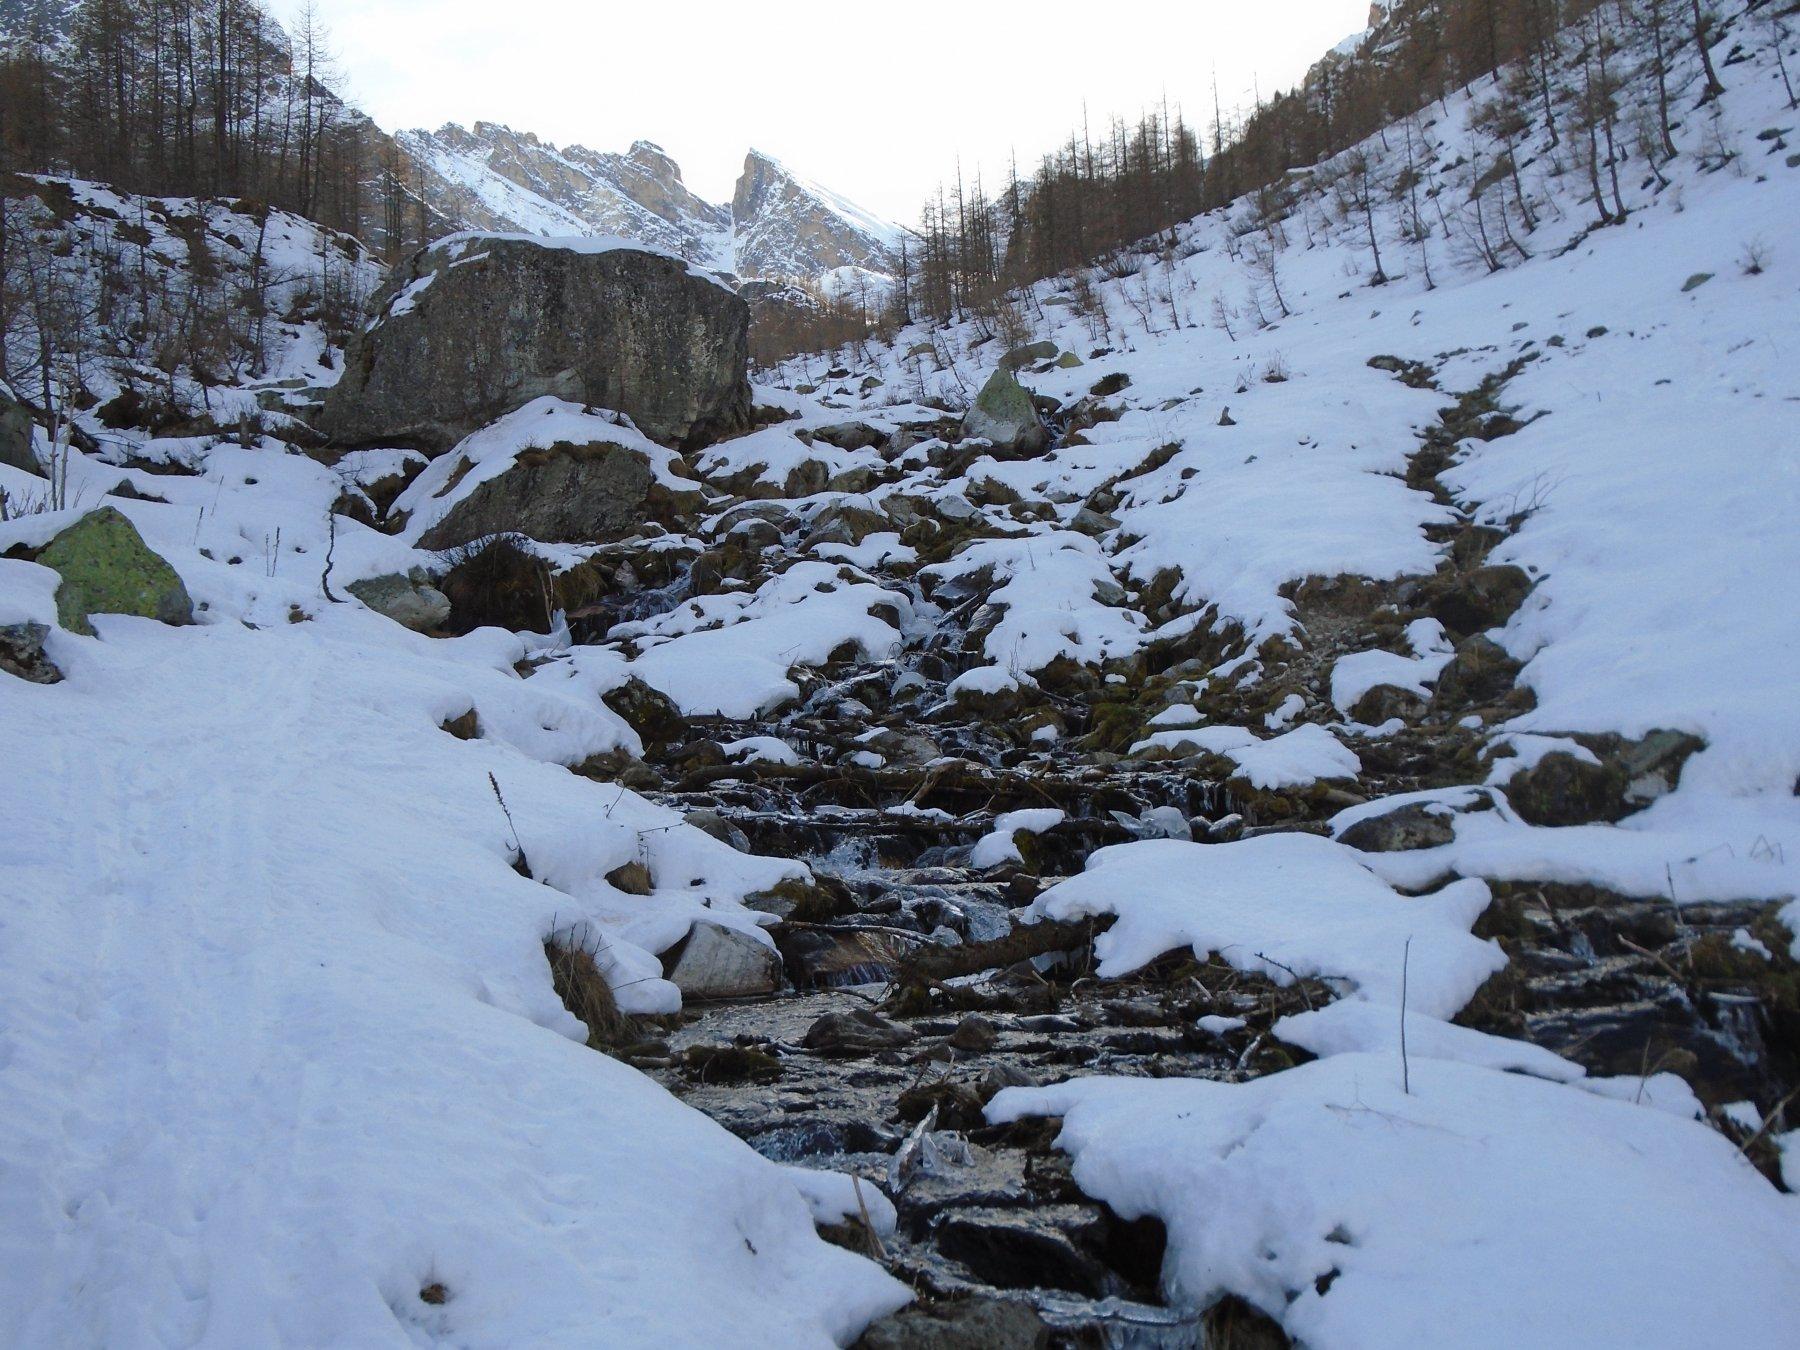 Parte bassa: rio tutto scoperto, ma guado agevole